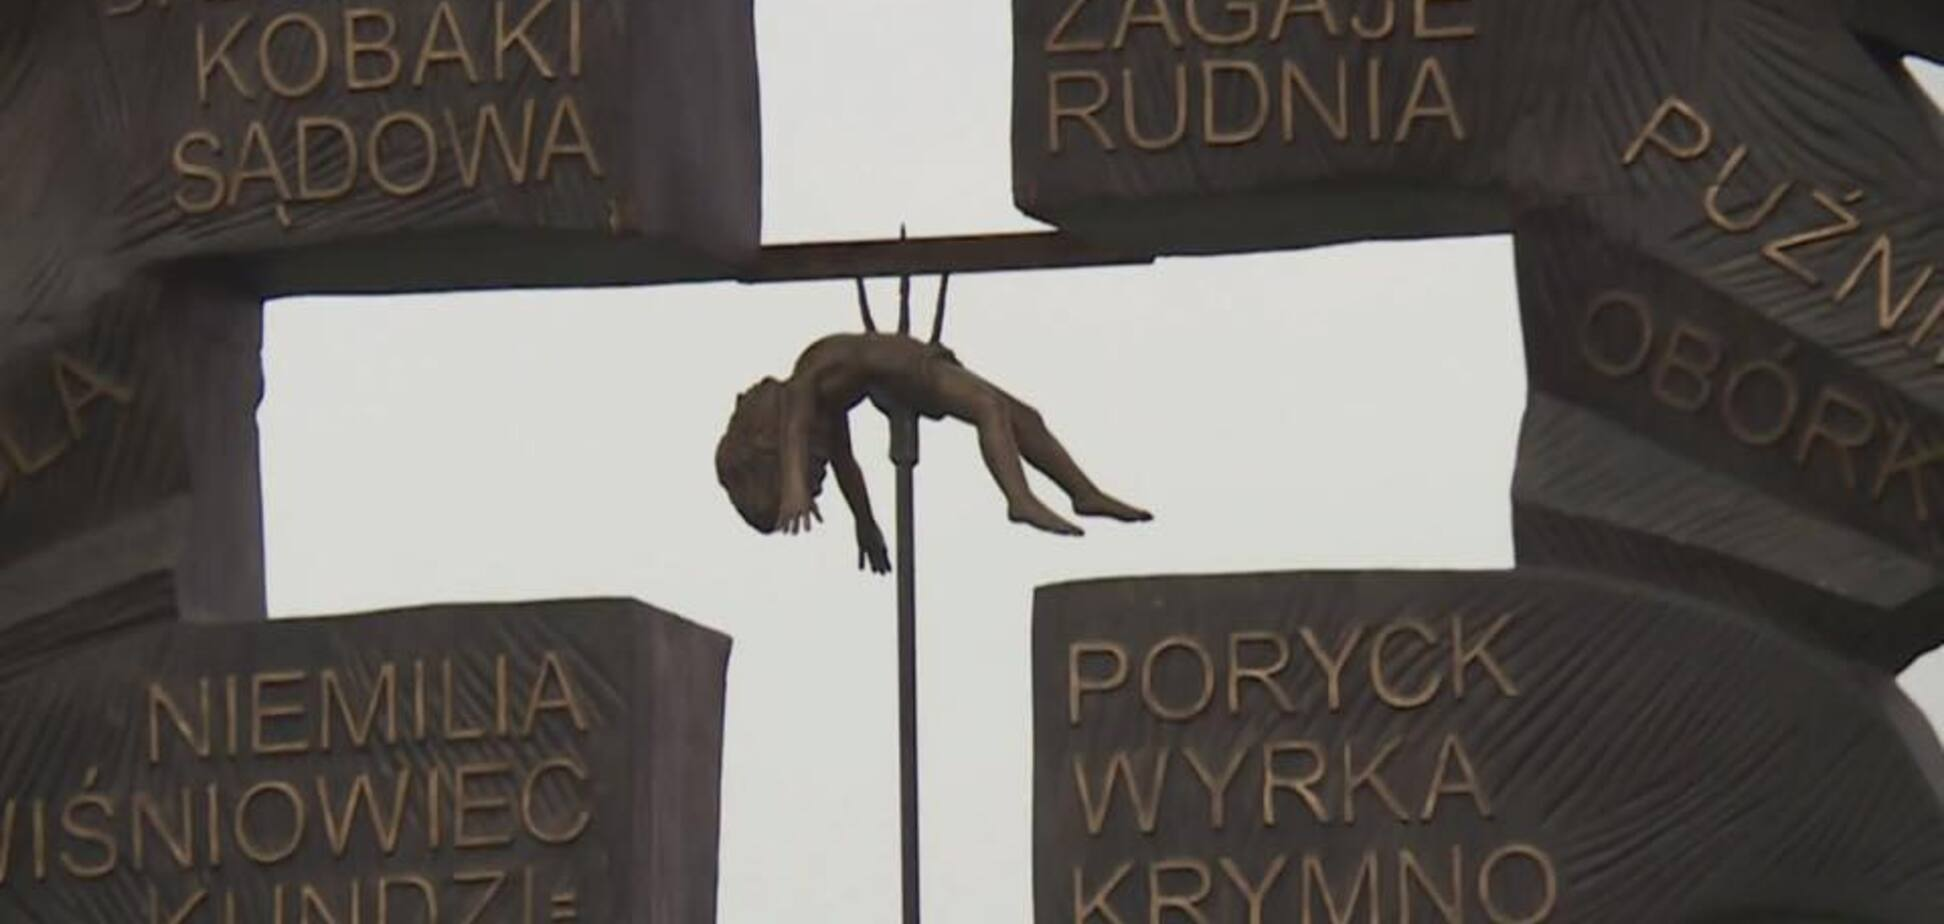 'Распятые младенцы' в Польше: новый памятник Волынской трагедии шокировал соцсети